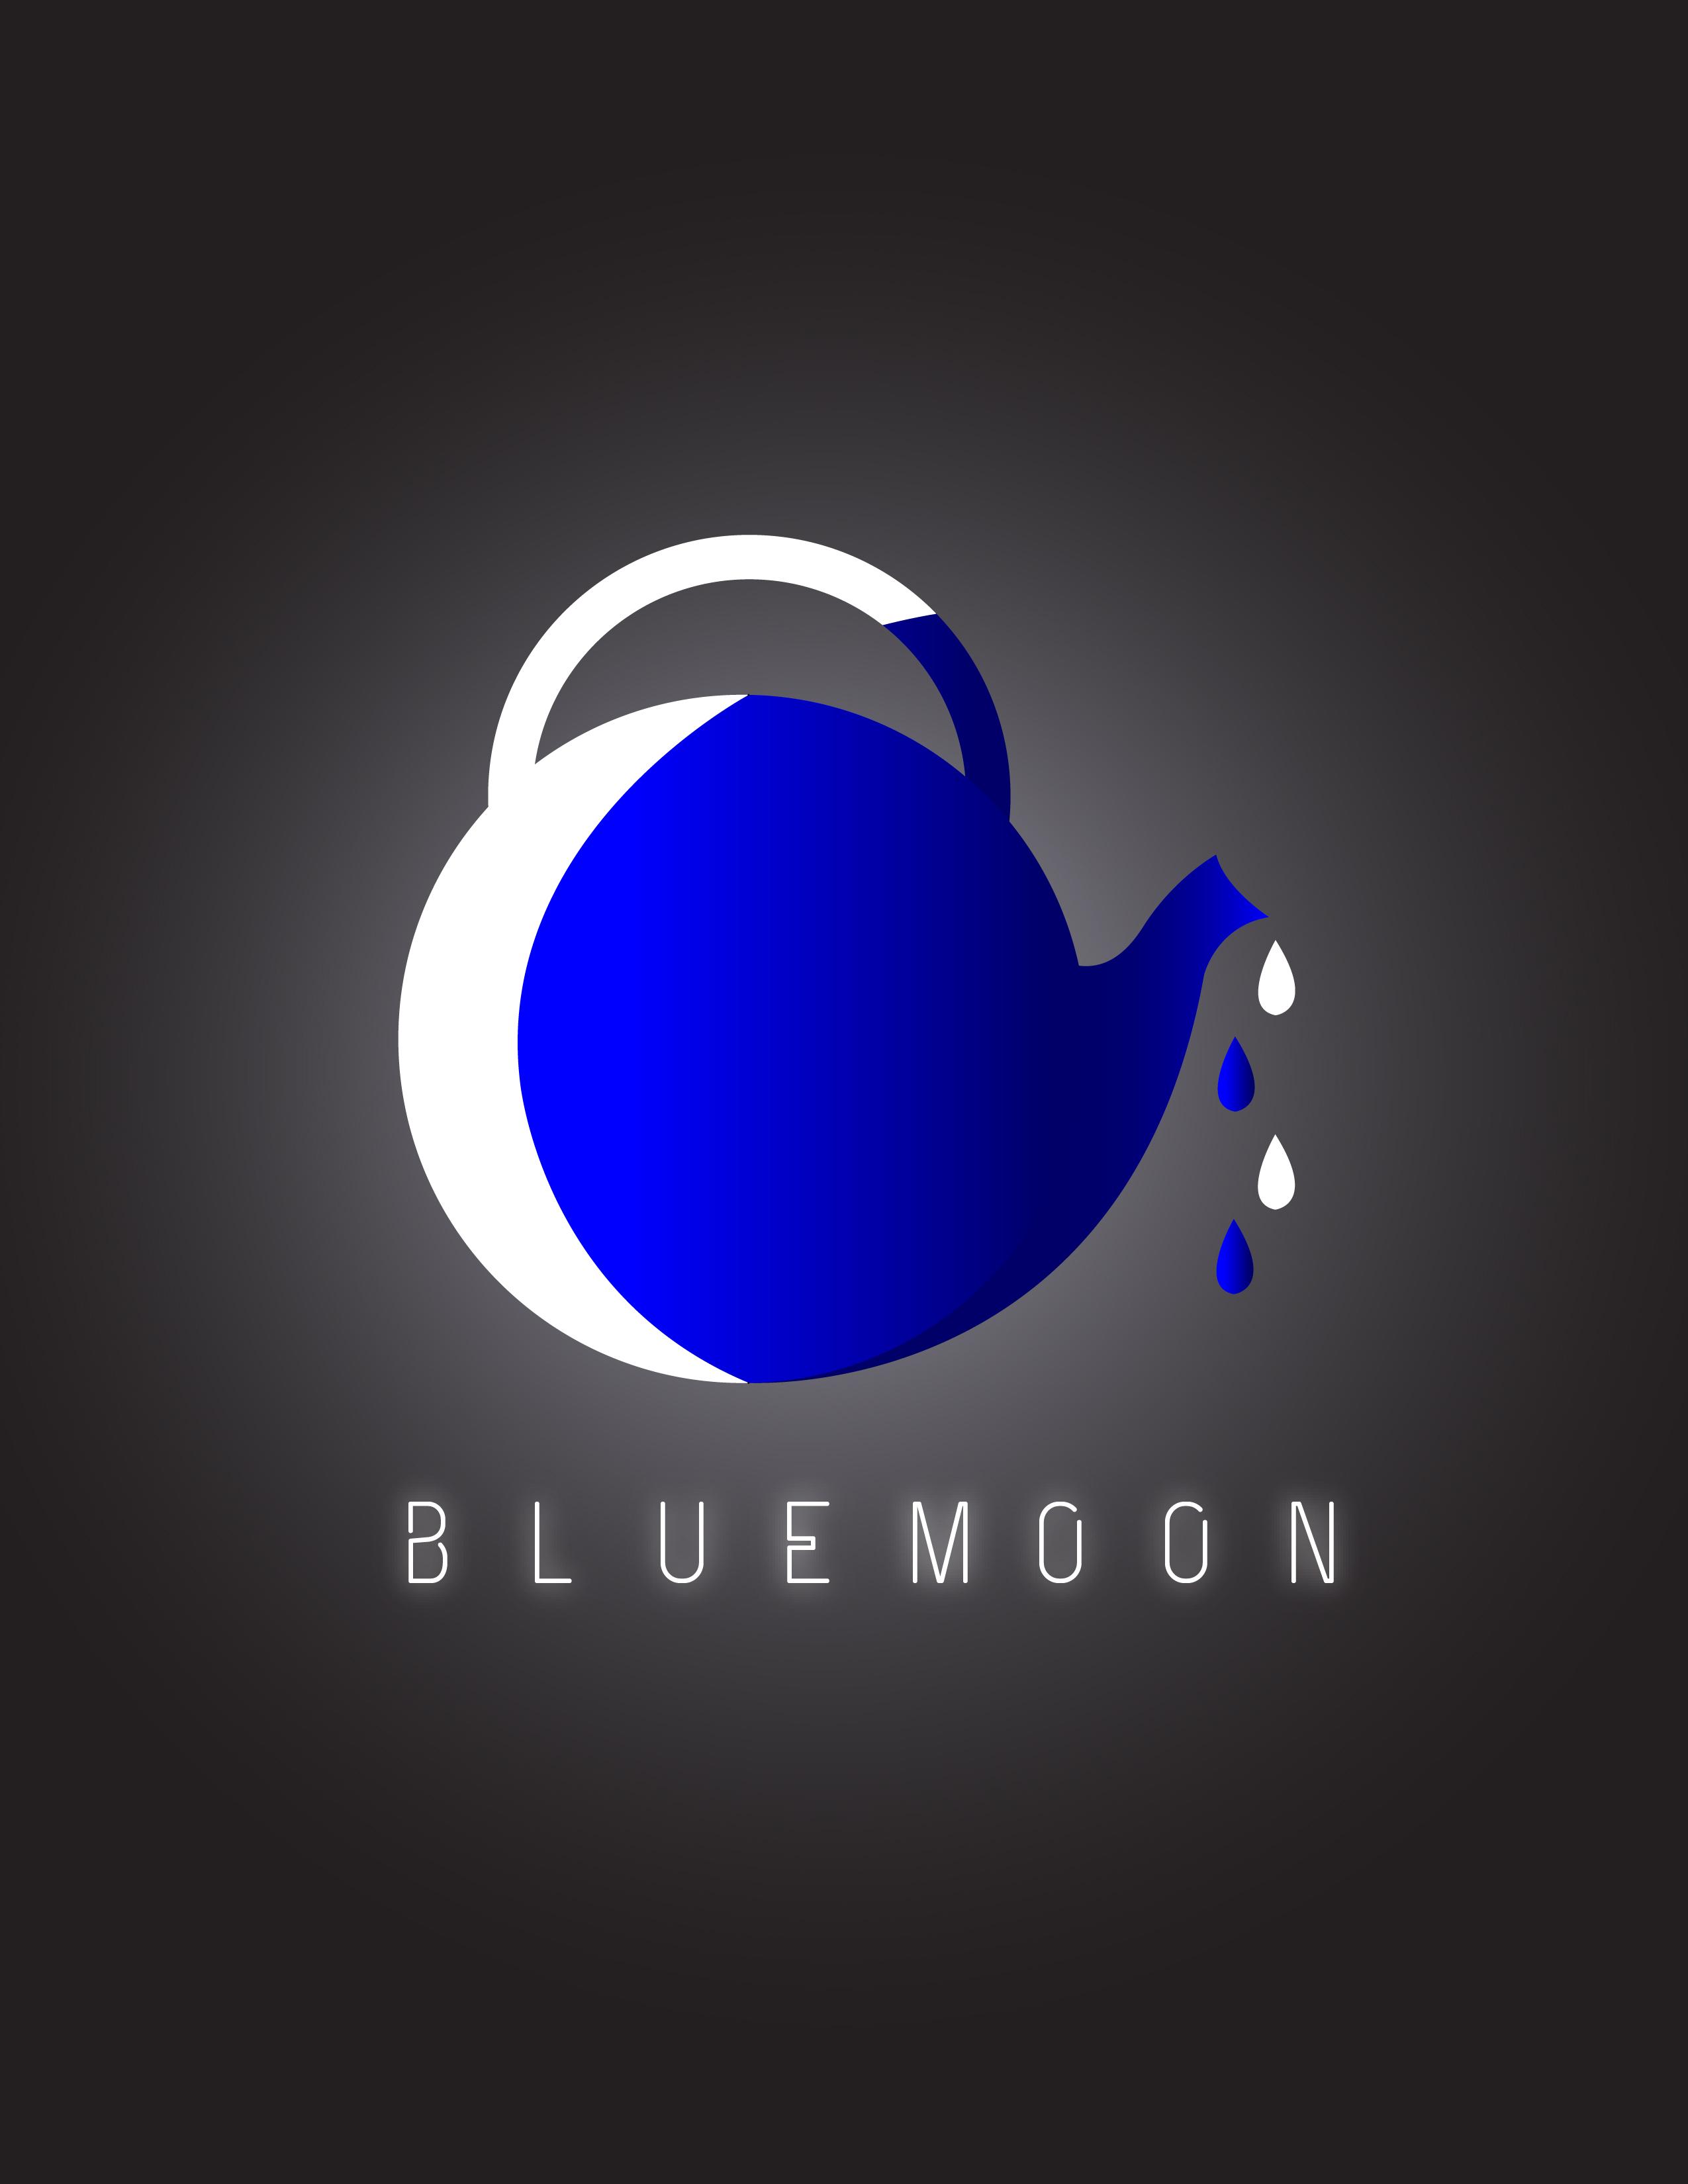 blue moon logo tea concept